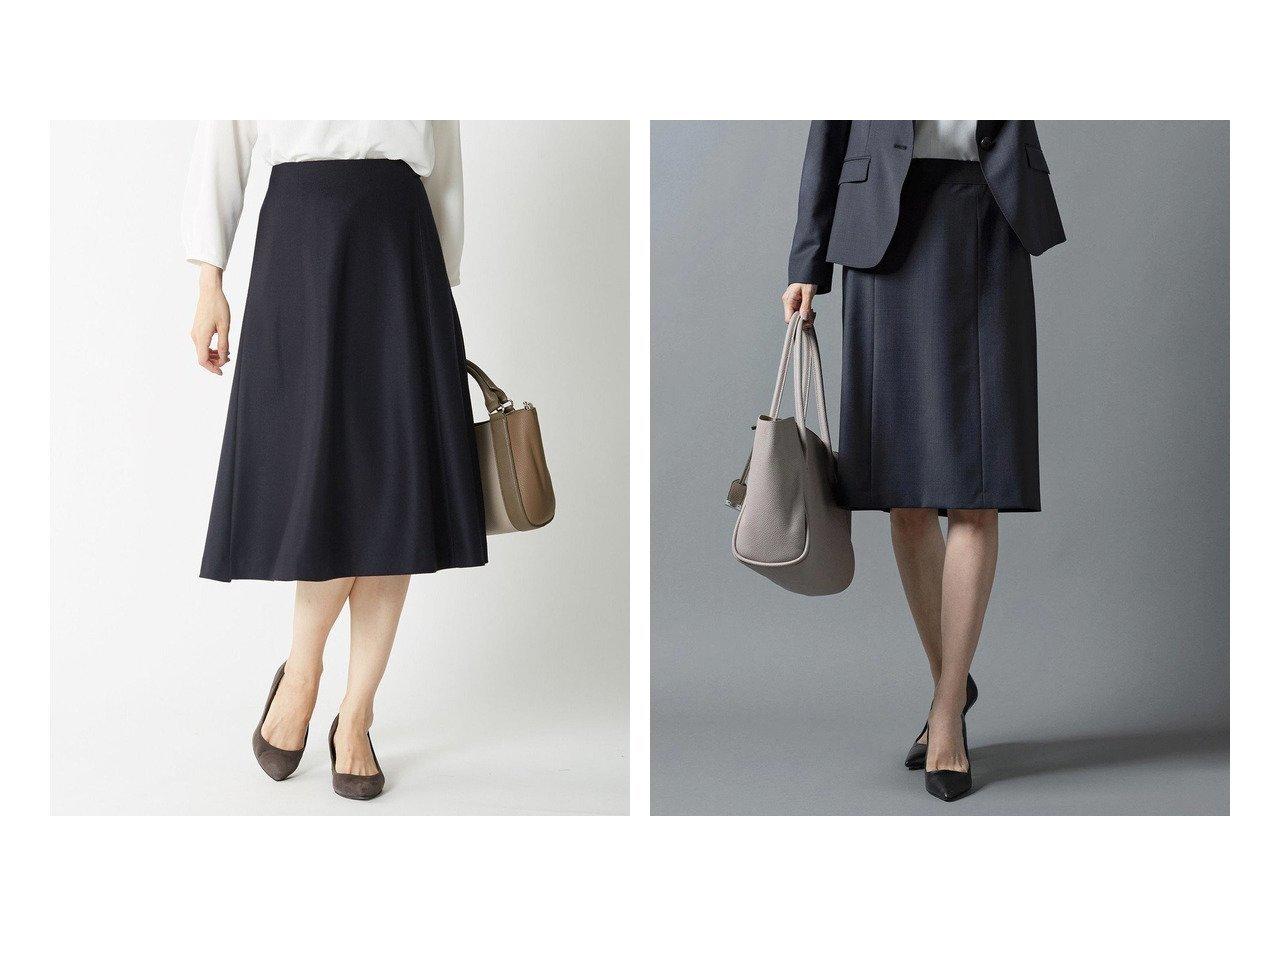 【J.PRESS/ジェイ プレス】の【セットアップ対応】アクアレジェンドウールジャージー スカート&【スーツ】BAHARIYE スカート 【スカート】おすすめ!人気、トレンド・レディースファッションの通販 おすすめで人気の流行・トレンド、ファッションの通販商品 インテリア・家具・メンズファッション・キッズファッション・レディースファッション・服の通販 founy(ファニー) https://founy.com/ ファッション Fashion レディースファッション WOMEN スカート Skirt スーツ Suits スーツ スカート Skirt セットアップ Setup スカート Skirt ジャケット ストレッチ スーツ セットアップ チェック 無地 送料無料 Free Shipping おすすめ Recommend シンプル フレア 切替  ID:crp329100000074901